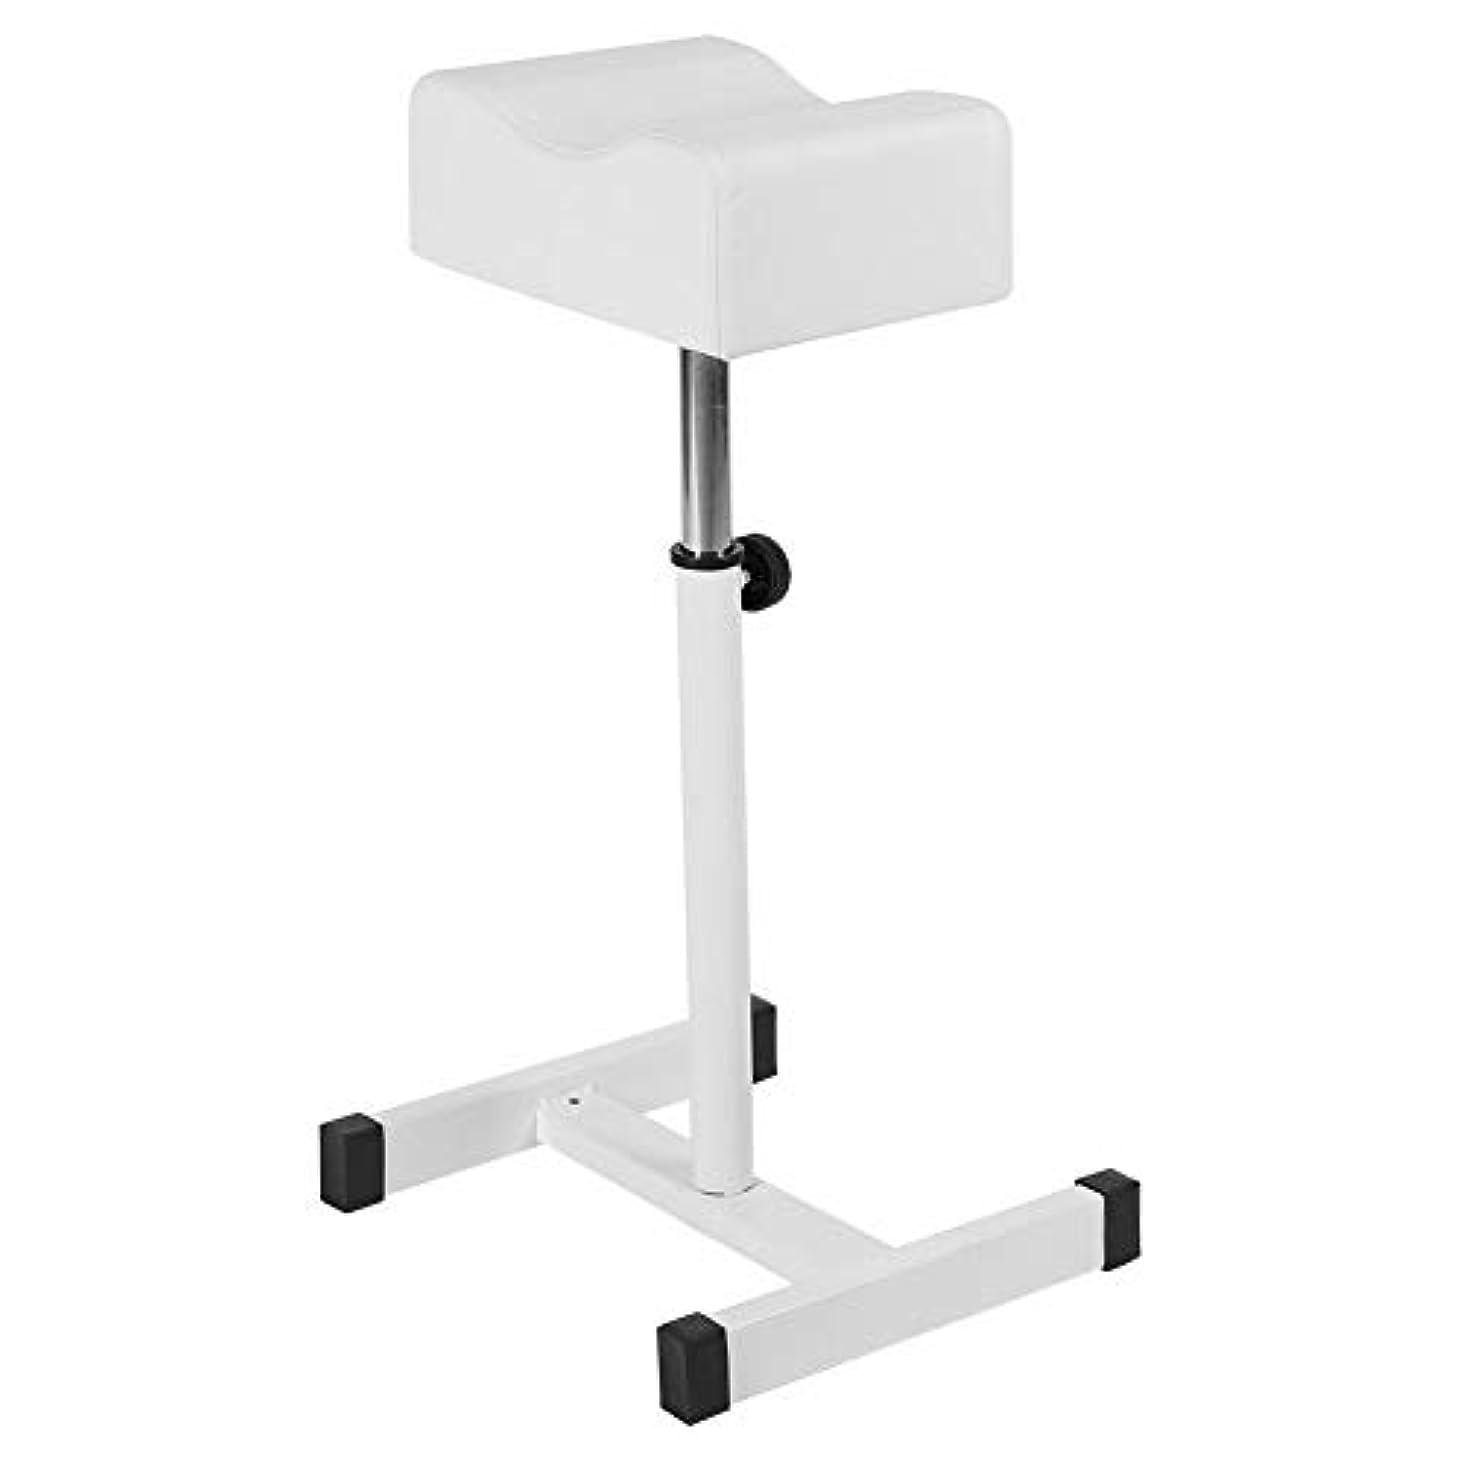 ラリーベルモント思い出させる不良サロンスツール白、高さ調節可能な化粧品椅子スパスツールスパスイベルホームショップの快適なシートクッションスツールホワイト